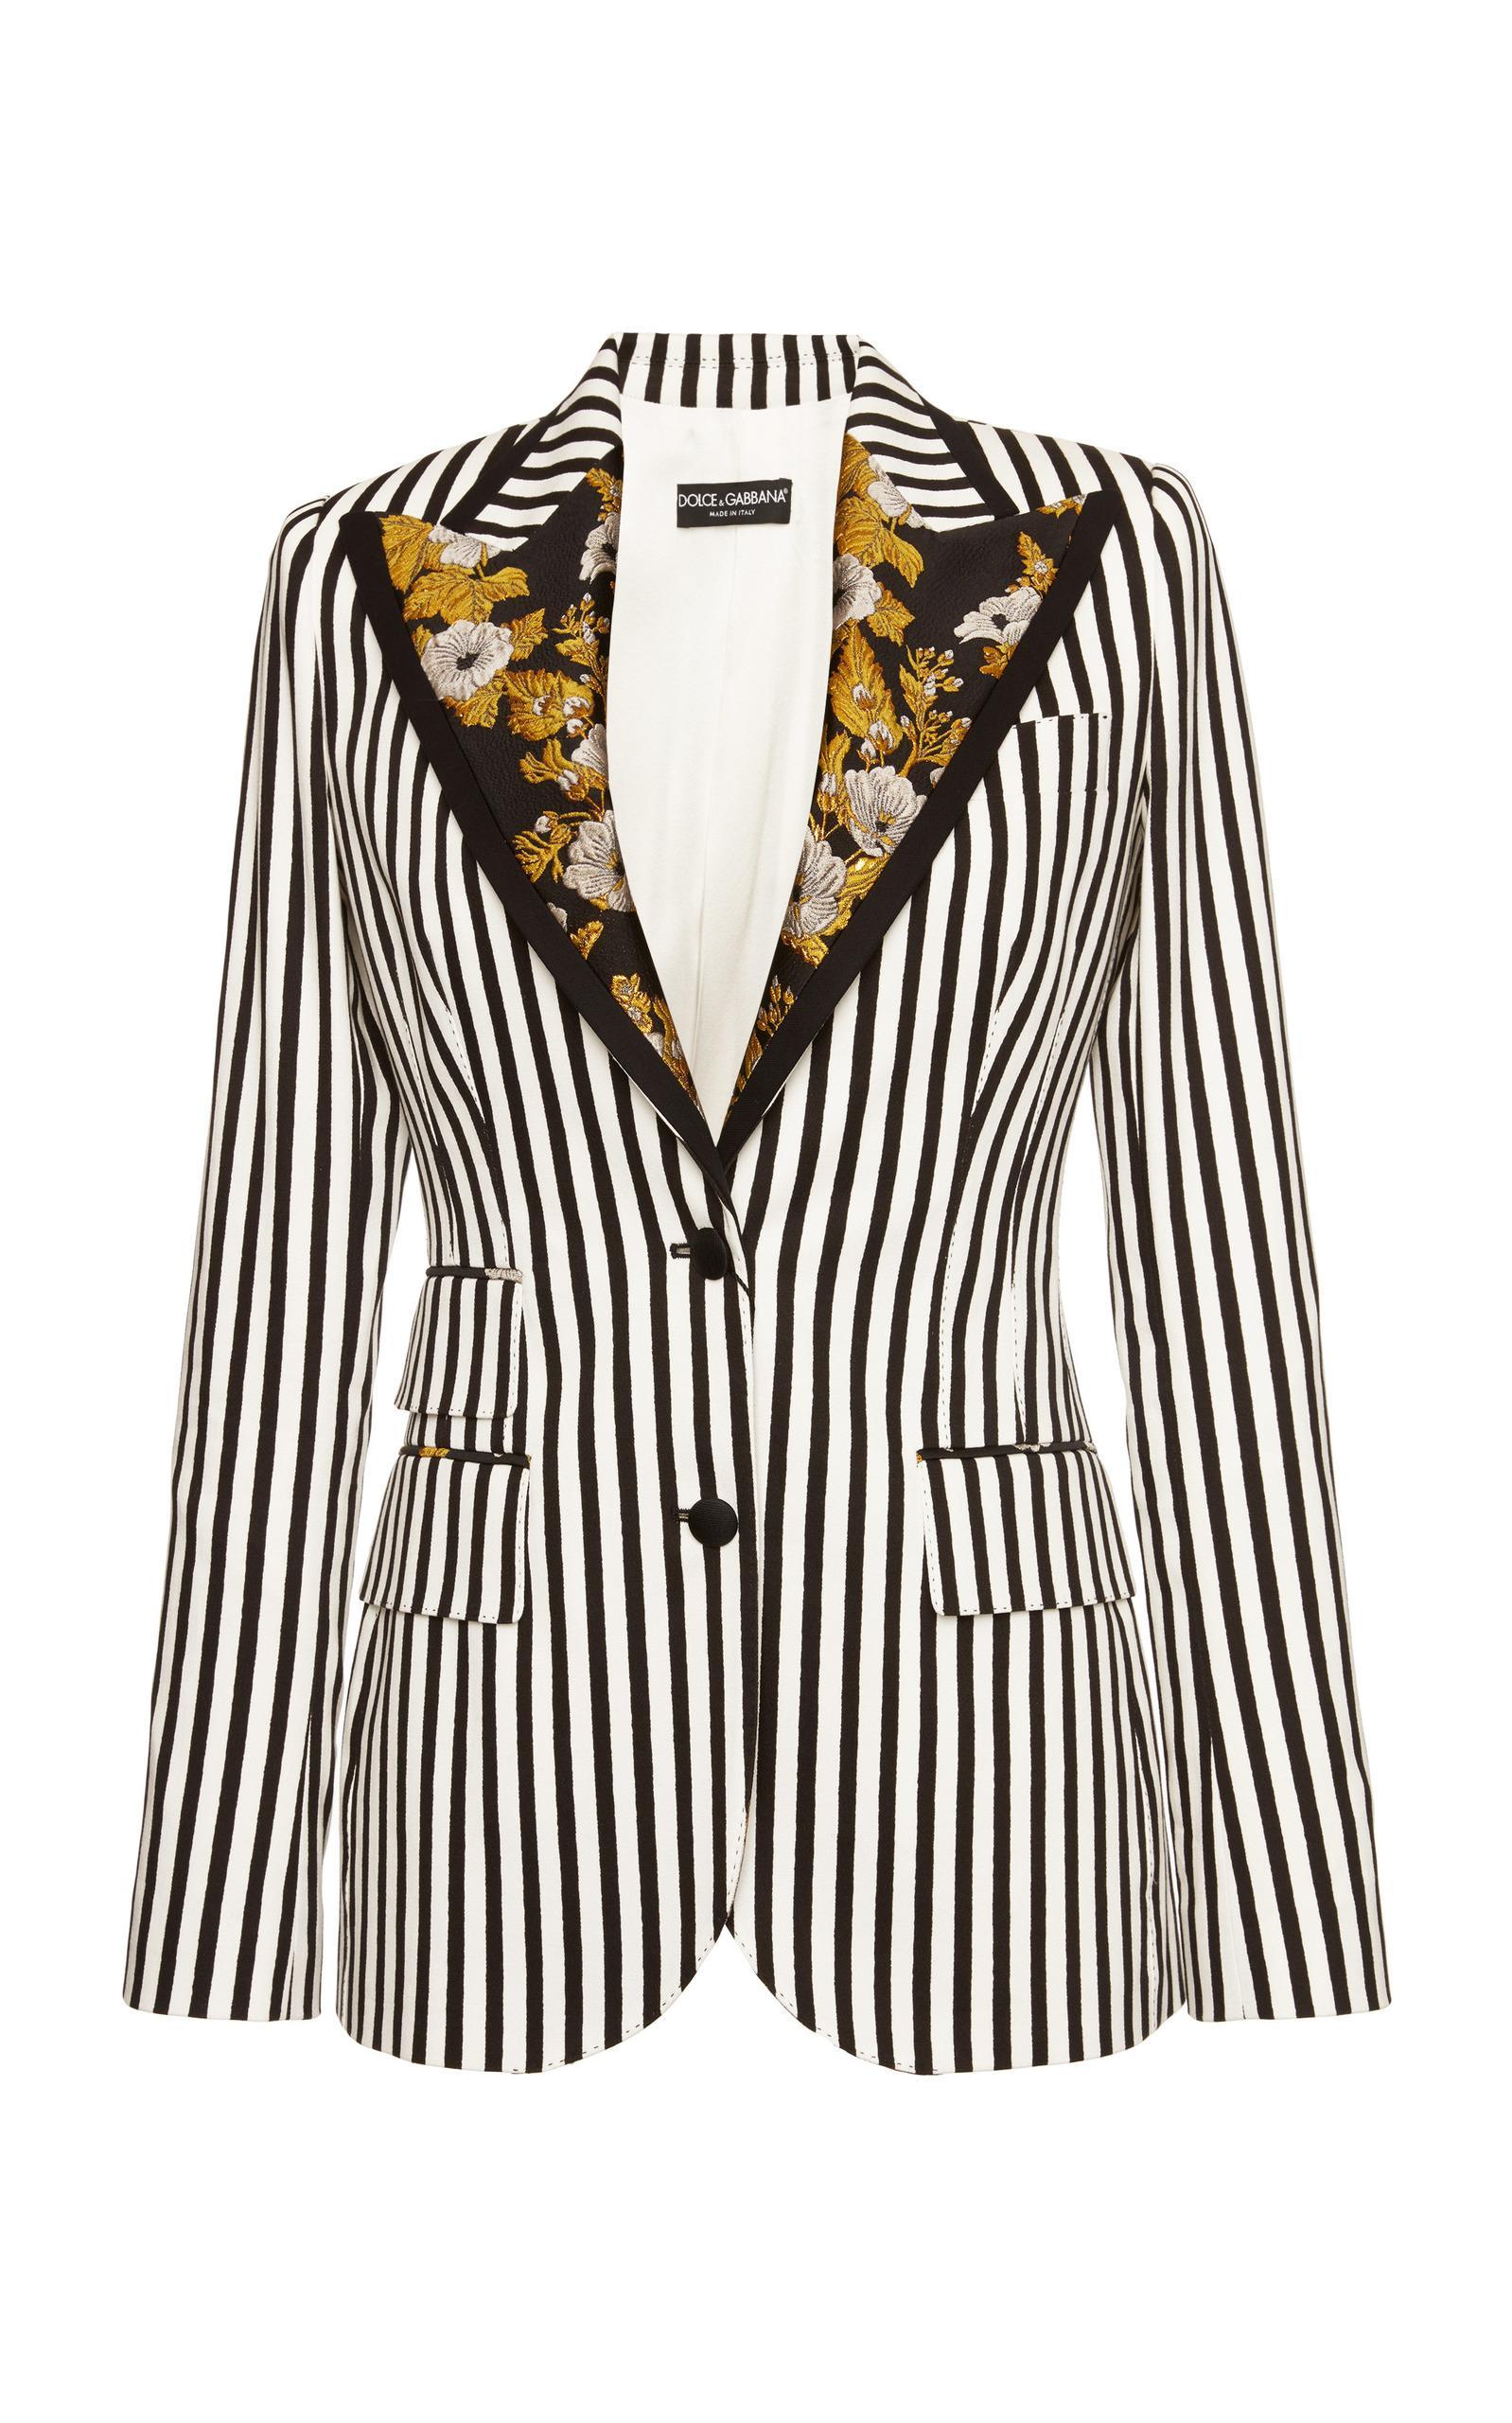 Dolce & Gabbana Striped Blazer With Embroidery